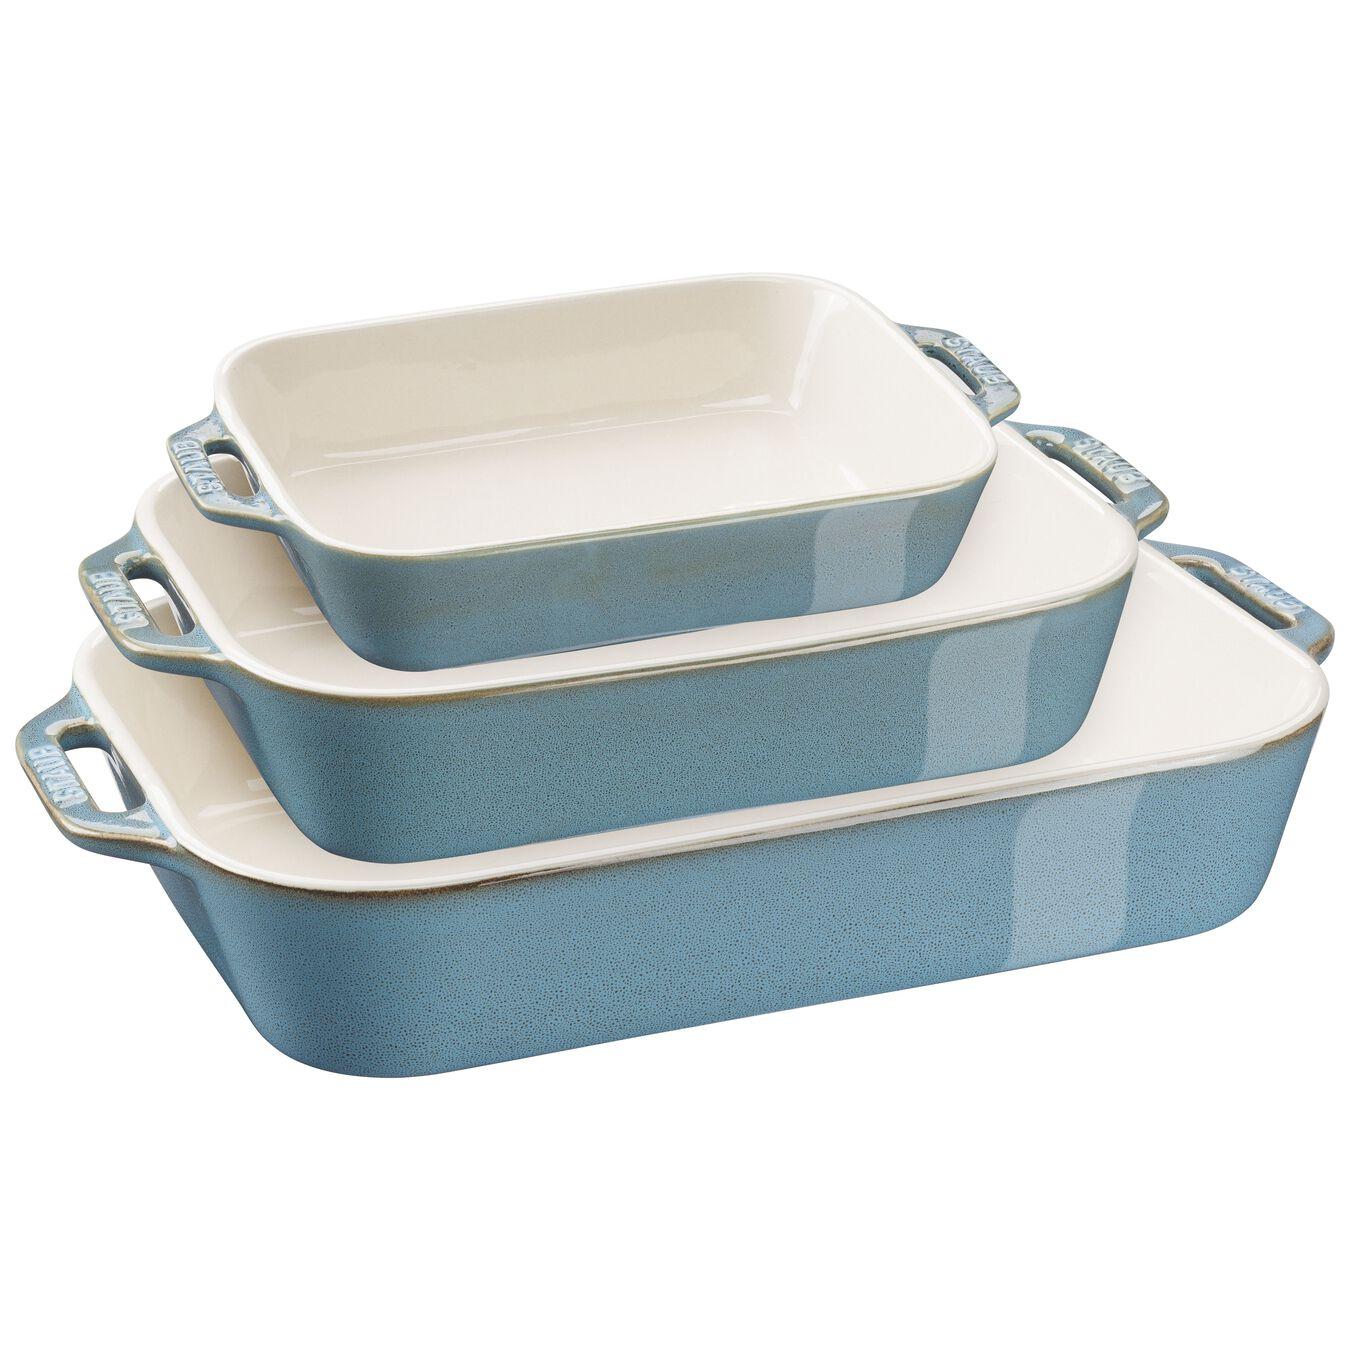 3-pc, Rectangular Baking Dish Set, rustic turquoise,,large 1